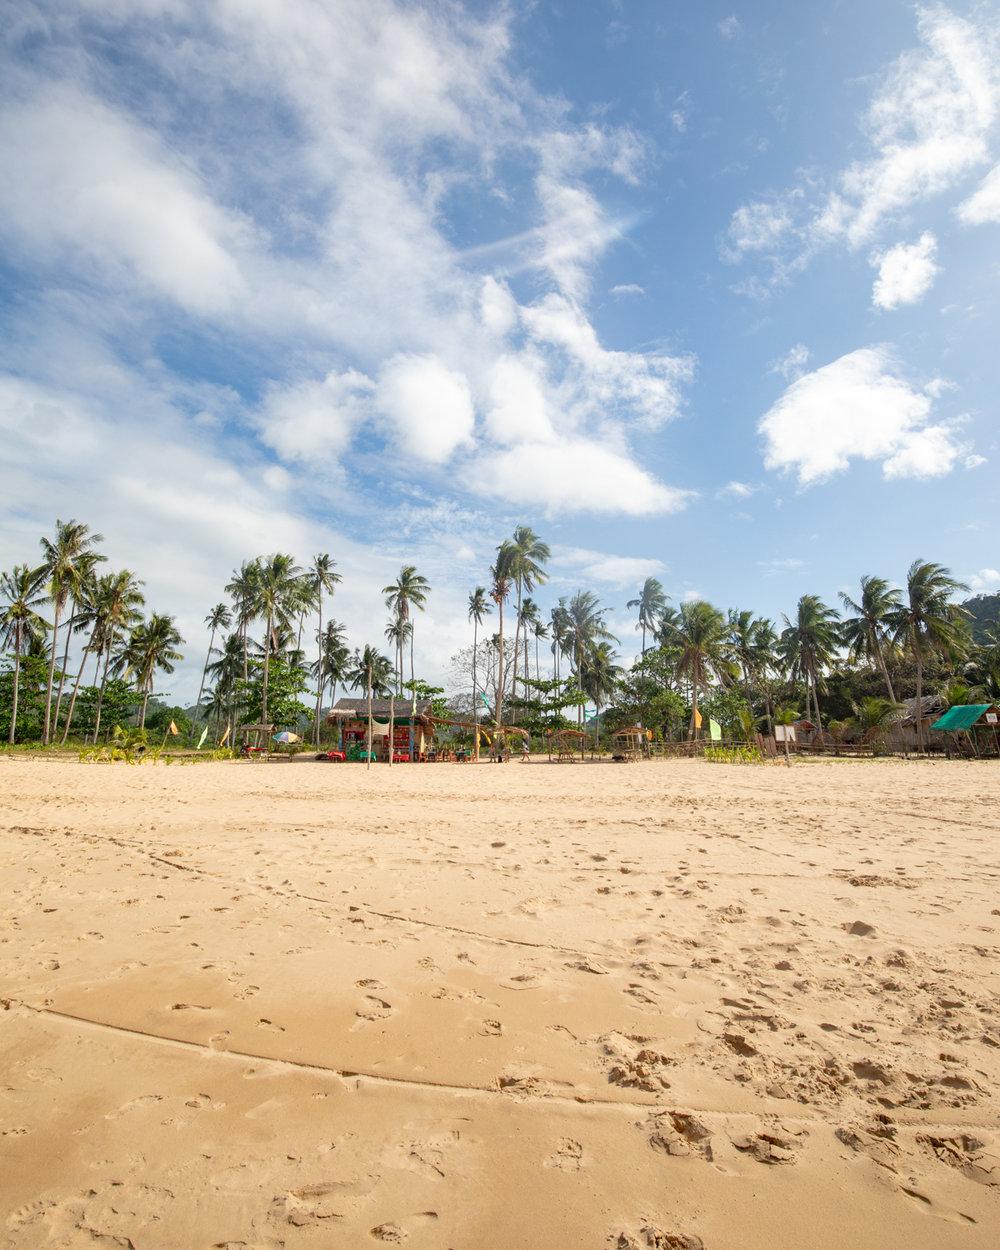 Duli Beach, El Nido Palawan